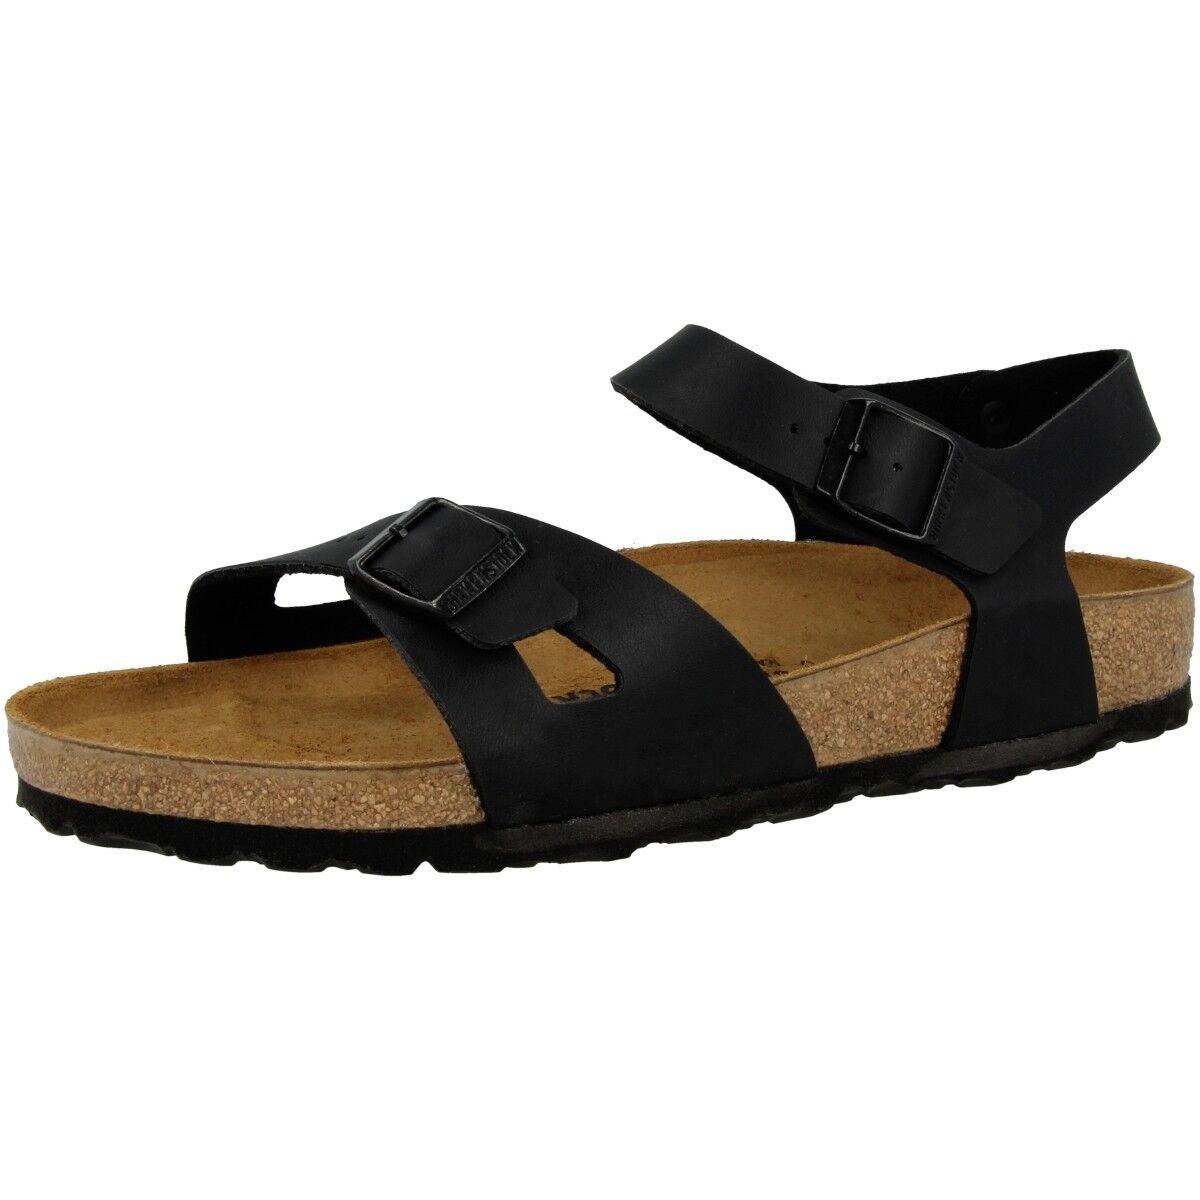 Birkenstock Rio Birko-Flor Sandalen Damen Sandaletten RiemenSandale Schuhe